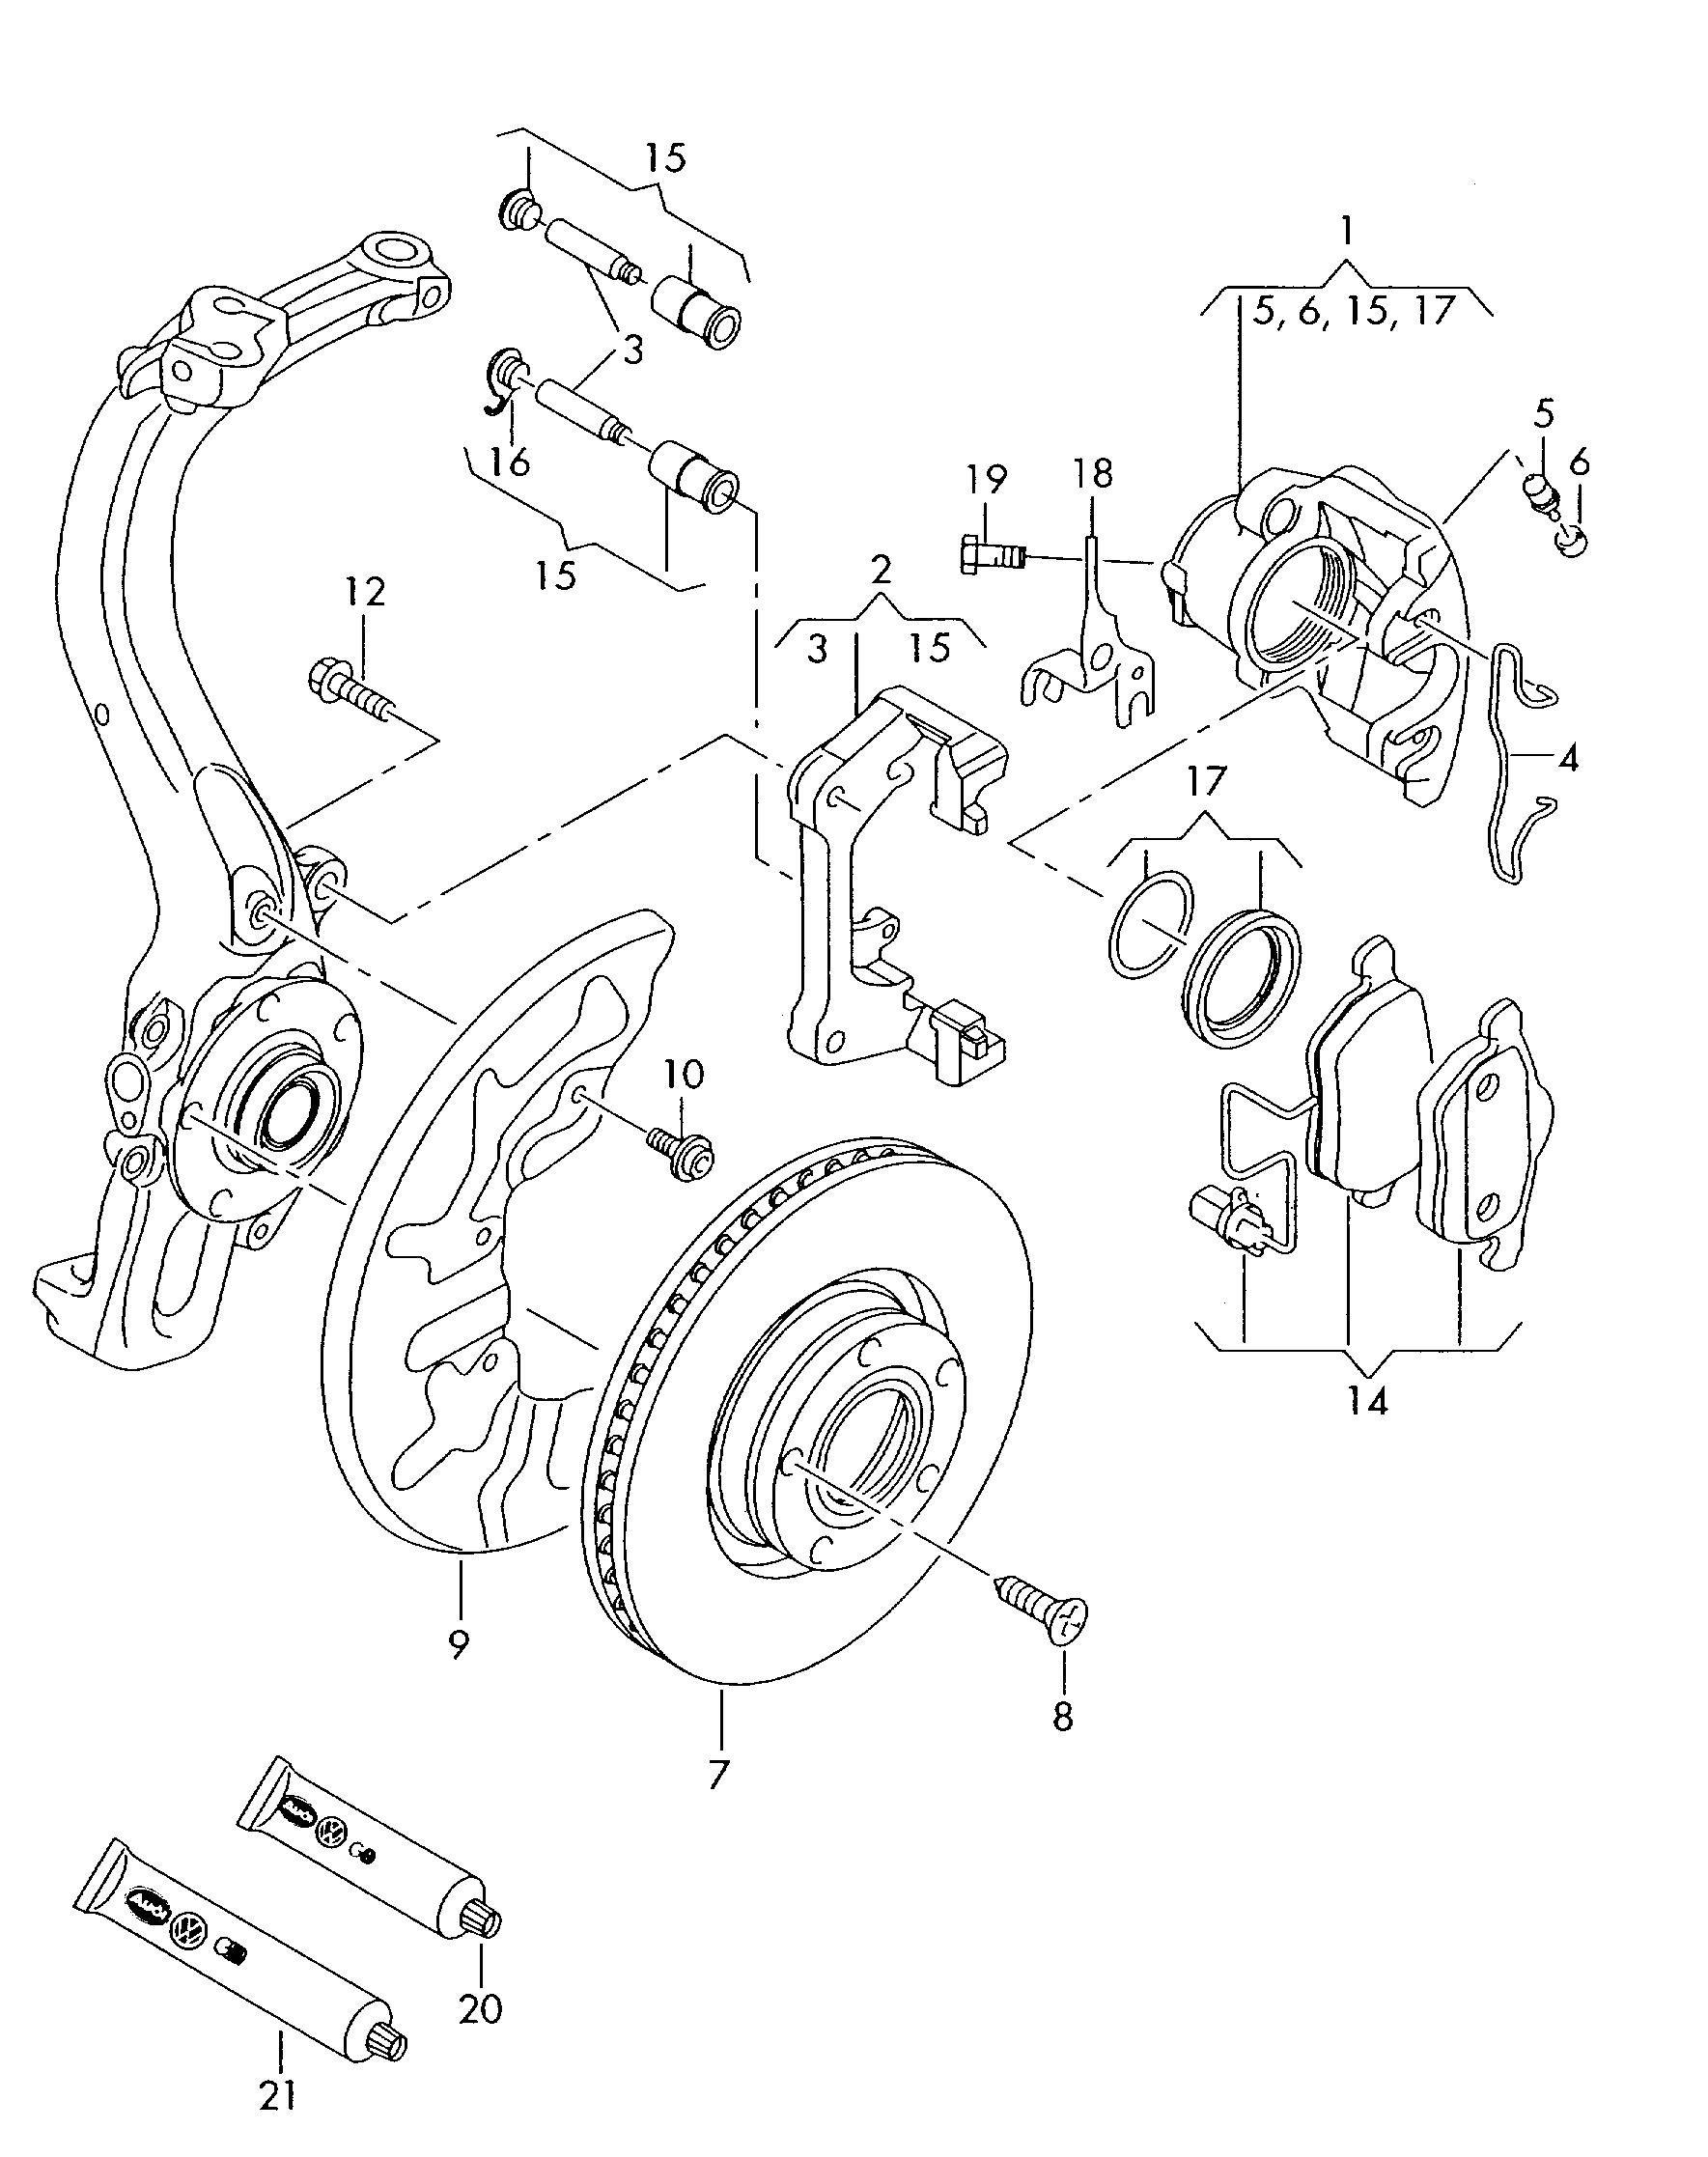 Audi Brakes Diagram - Wiring Diagrams Name grow-reason -  grow-reason.illabirintodellacreativita.it | Audi Brakes Diagram |  | illabirintodellacreativita.it